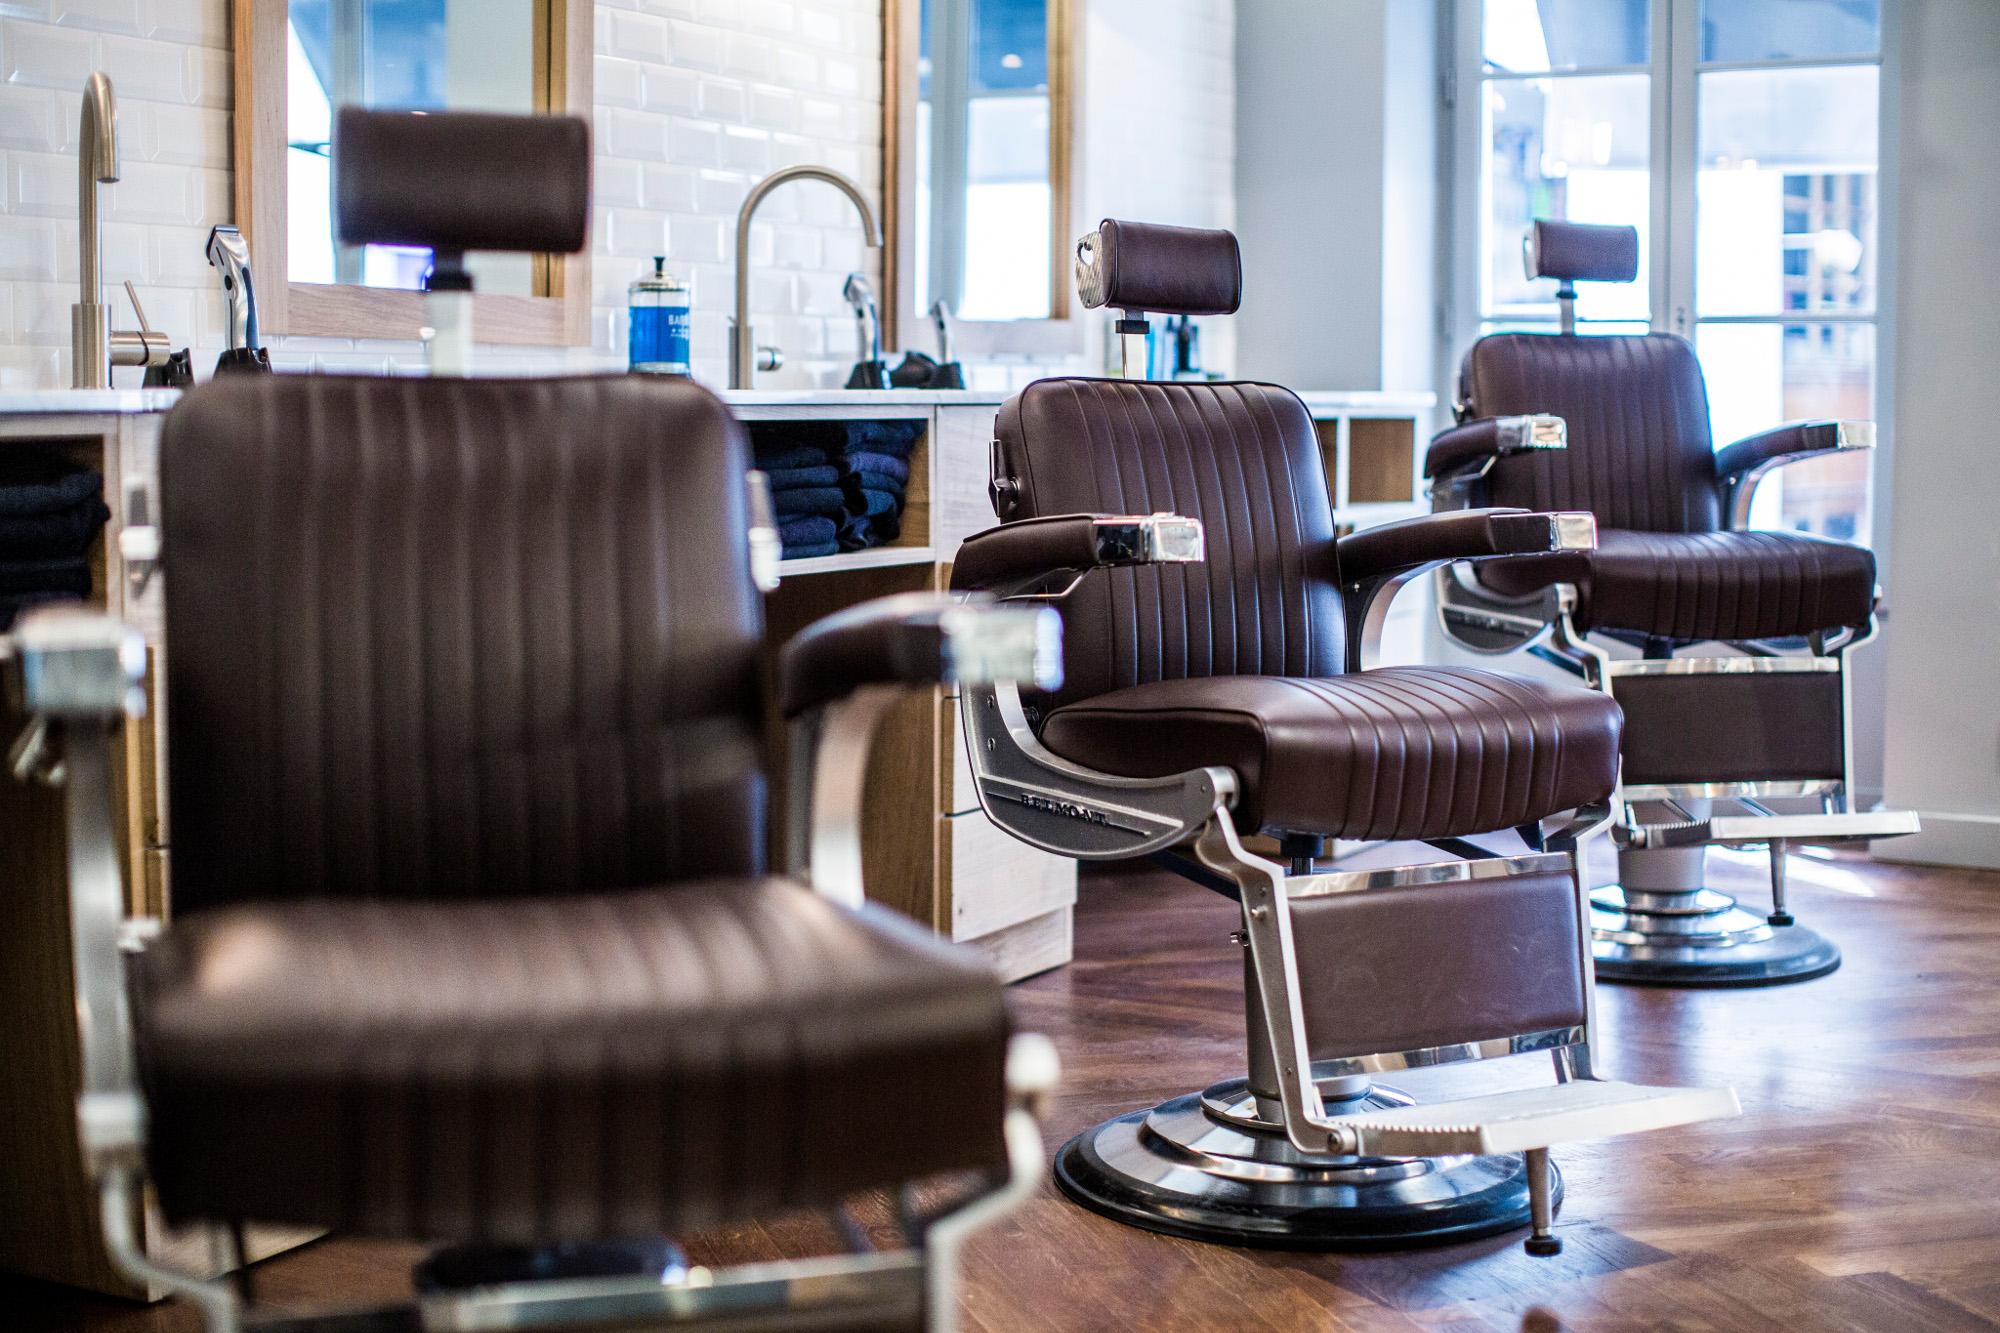 connu bonhomme paris 2me coiffeur barbier institut de beaut pour homme ie02 - Fauteuil Barbier Belmont